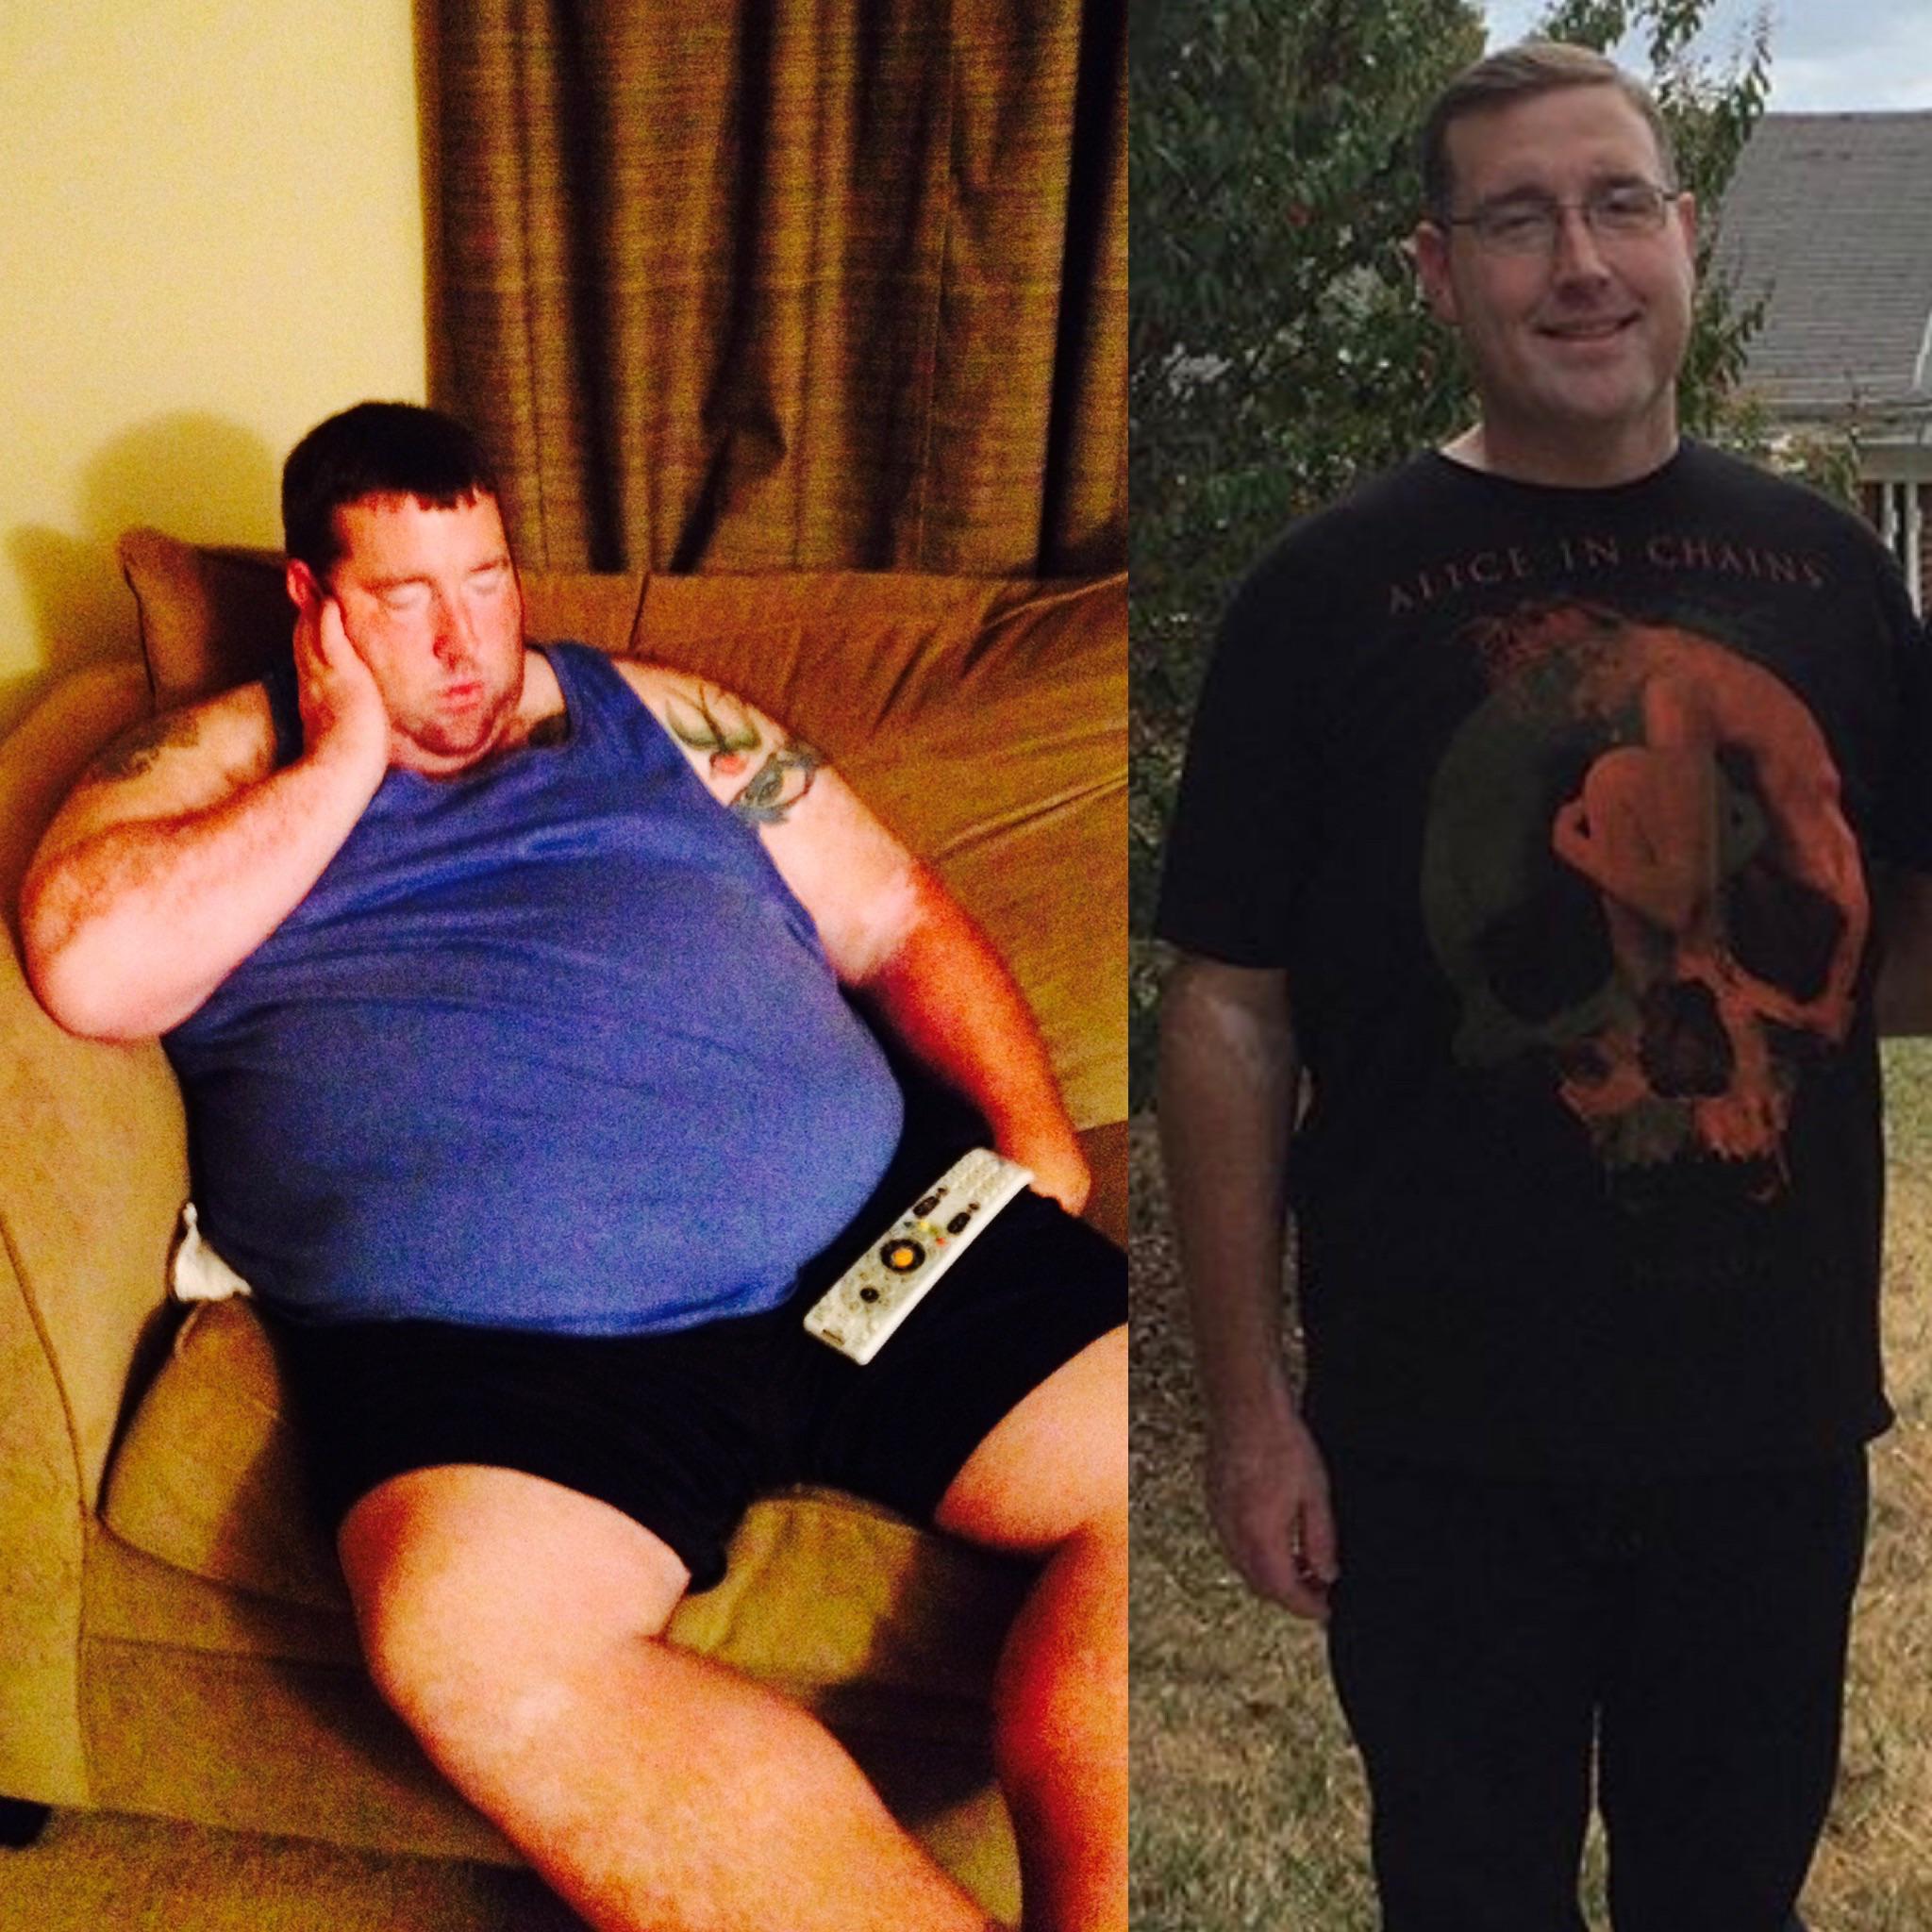 5'11 Male Progress Pics of 185 lbs Fat Loss 425 lbs to 240 lbs